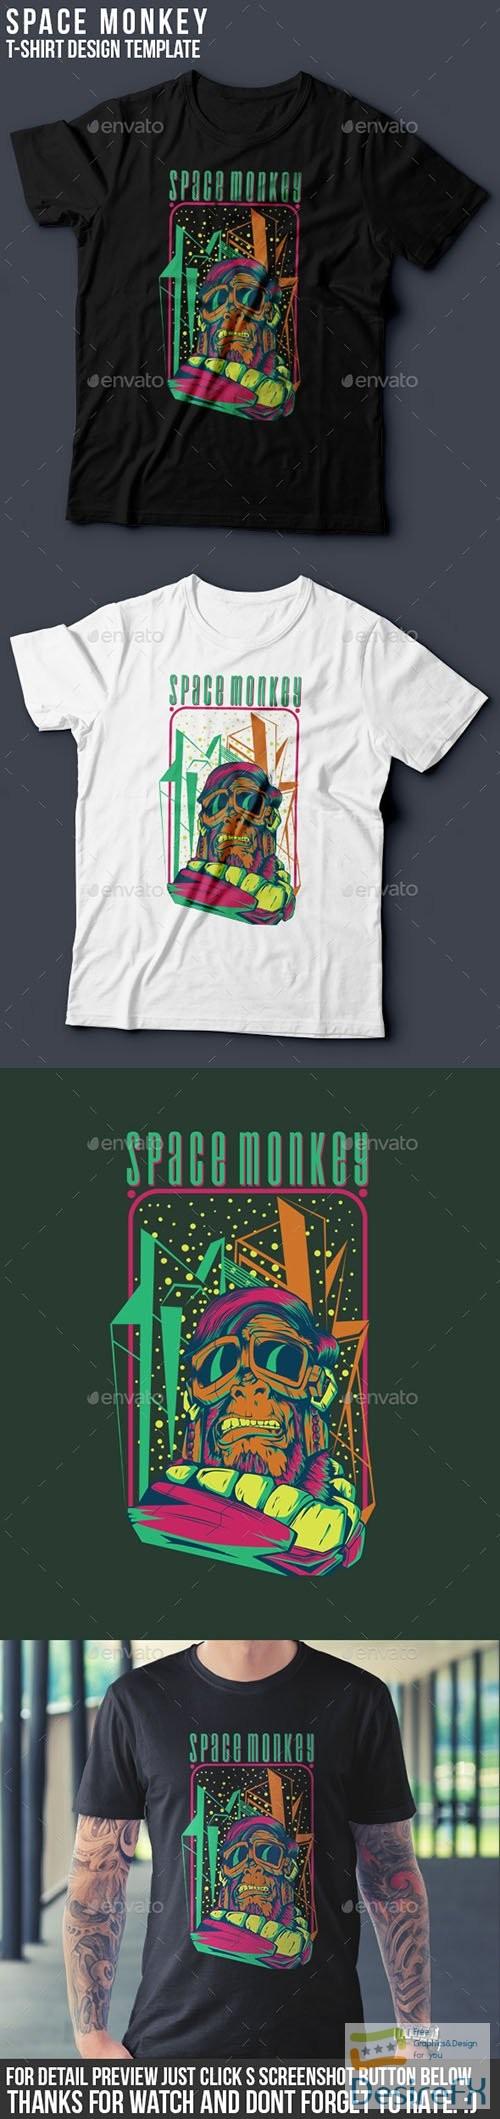 t-shirts-prints - Space Monkey 8854688